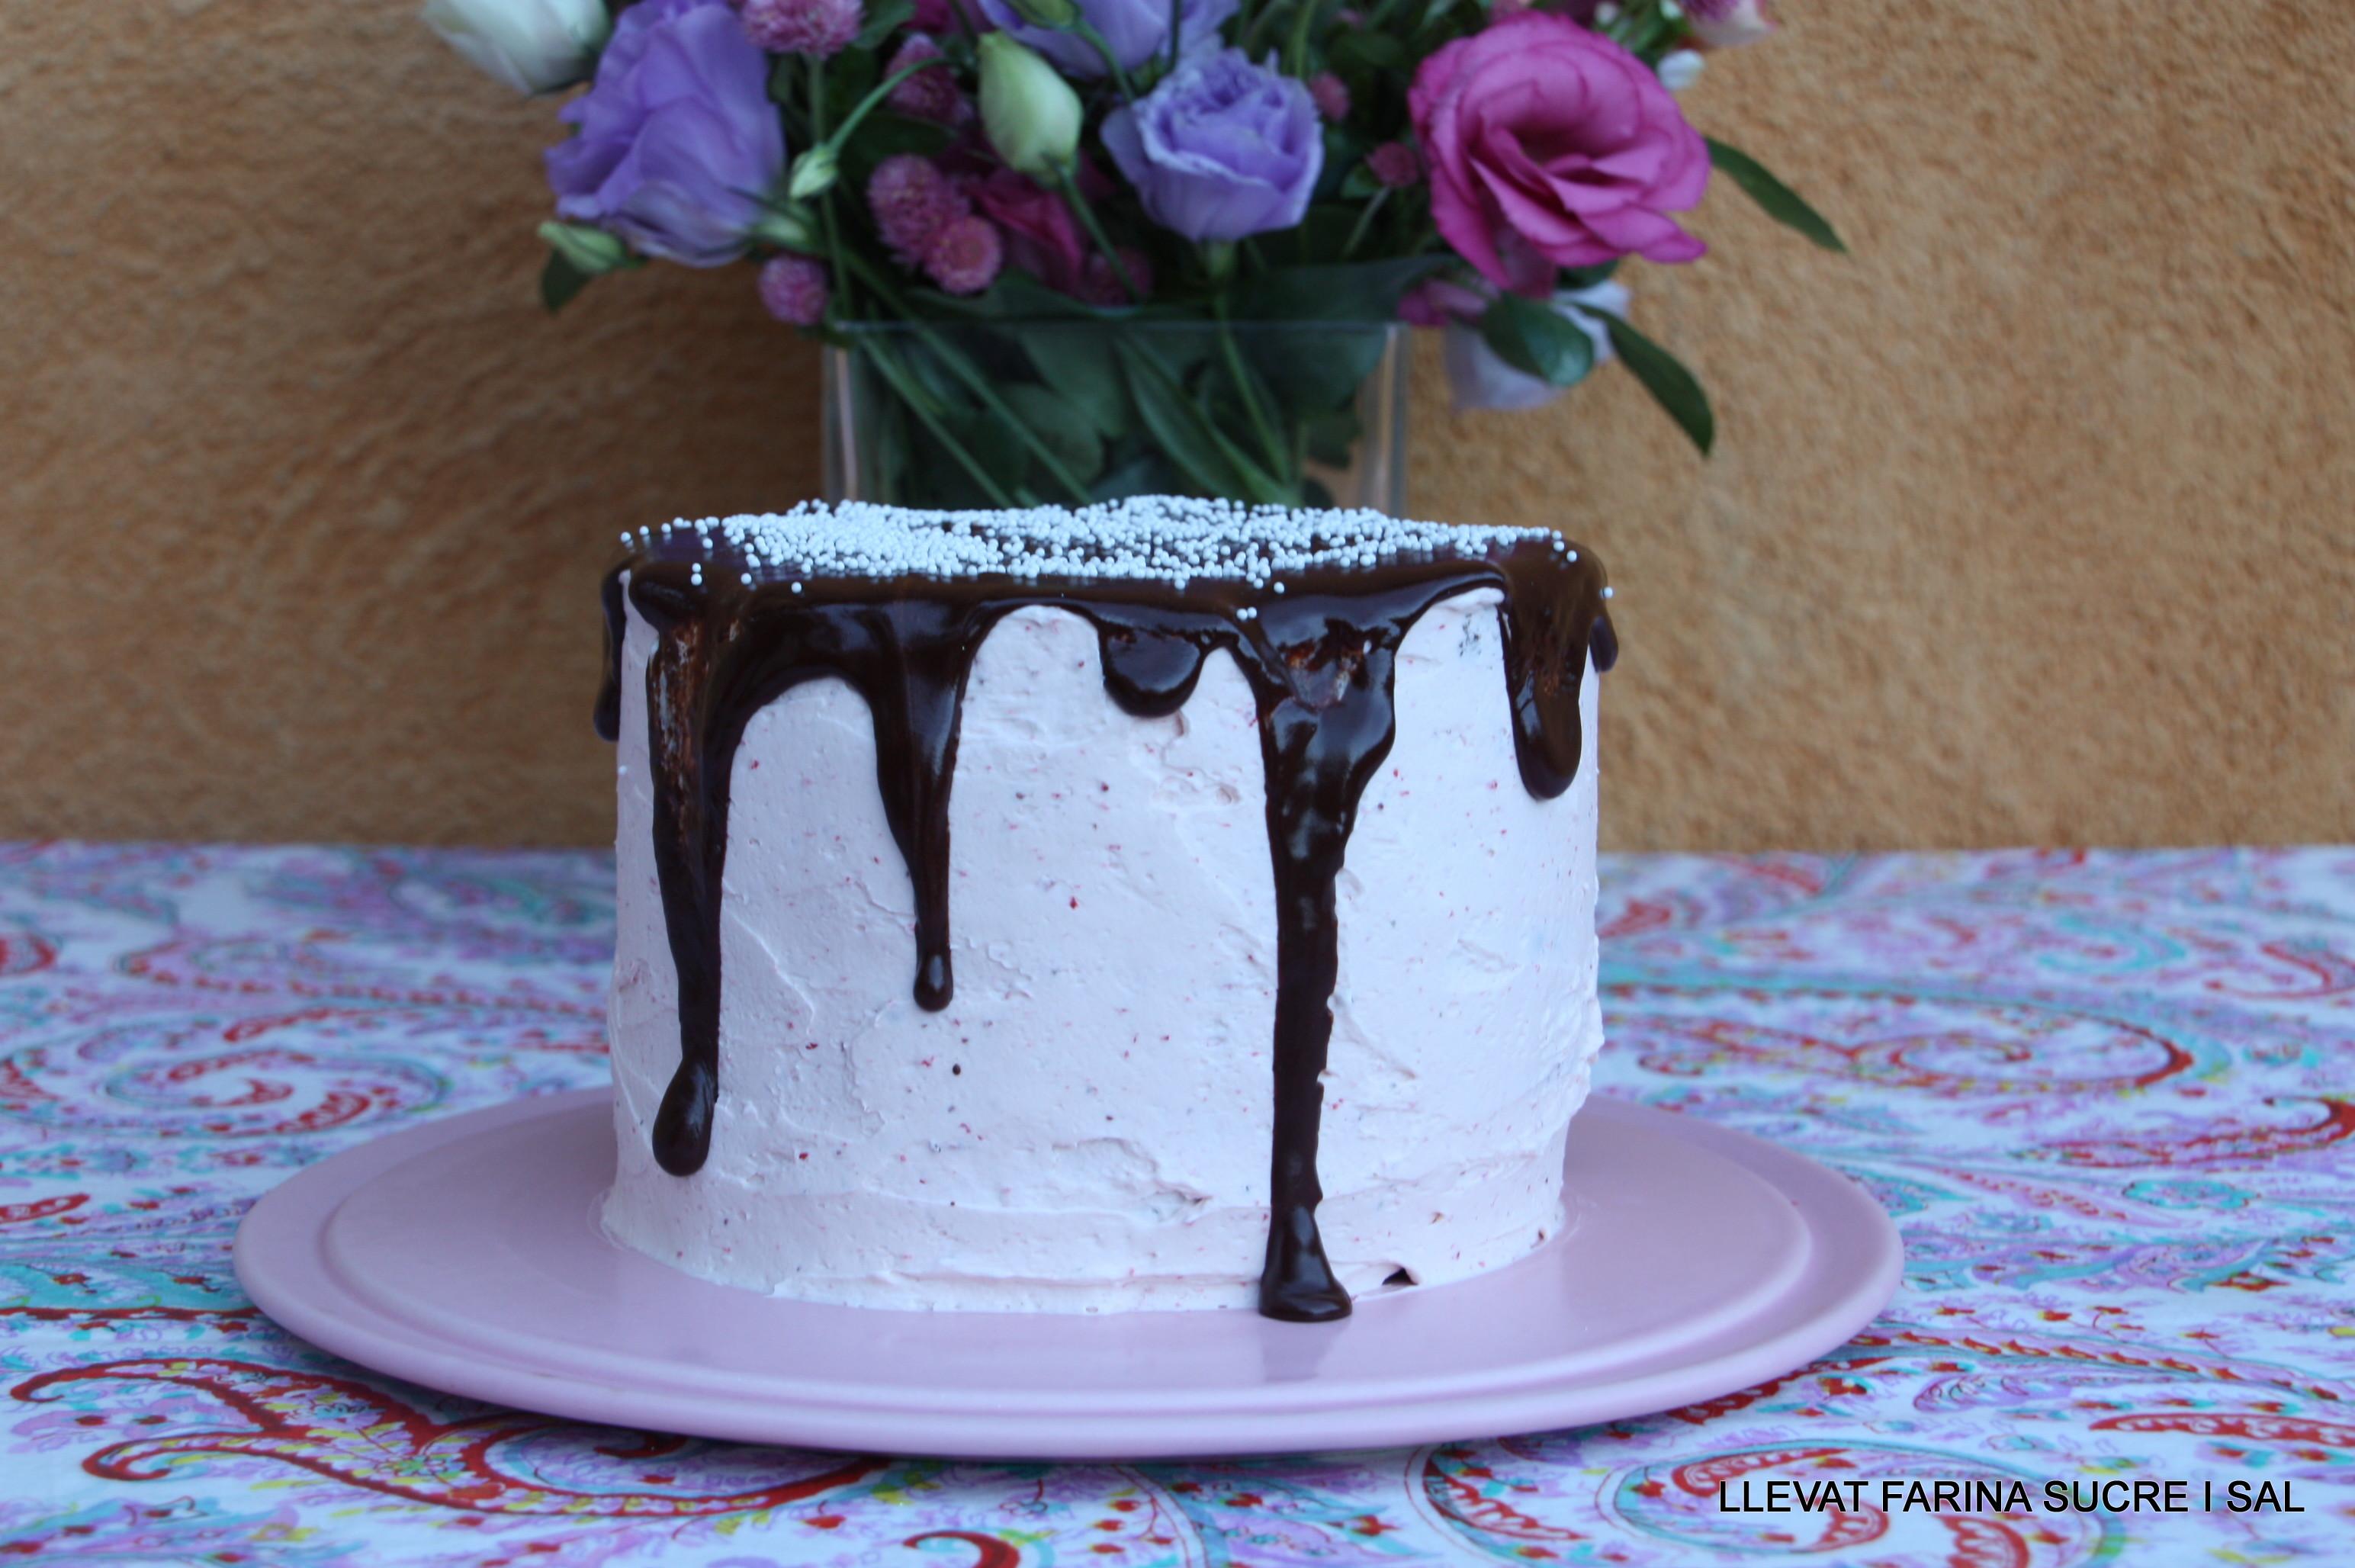 LAYER CAKE DE XOCOLATA COBERT AMB MERENGA DEMADUIXES